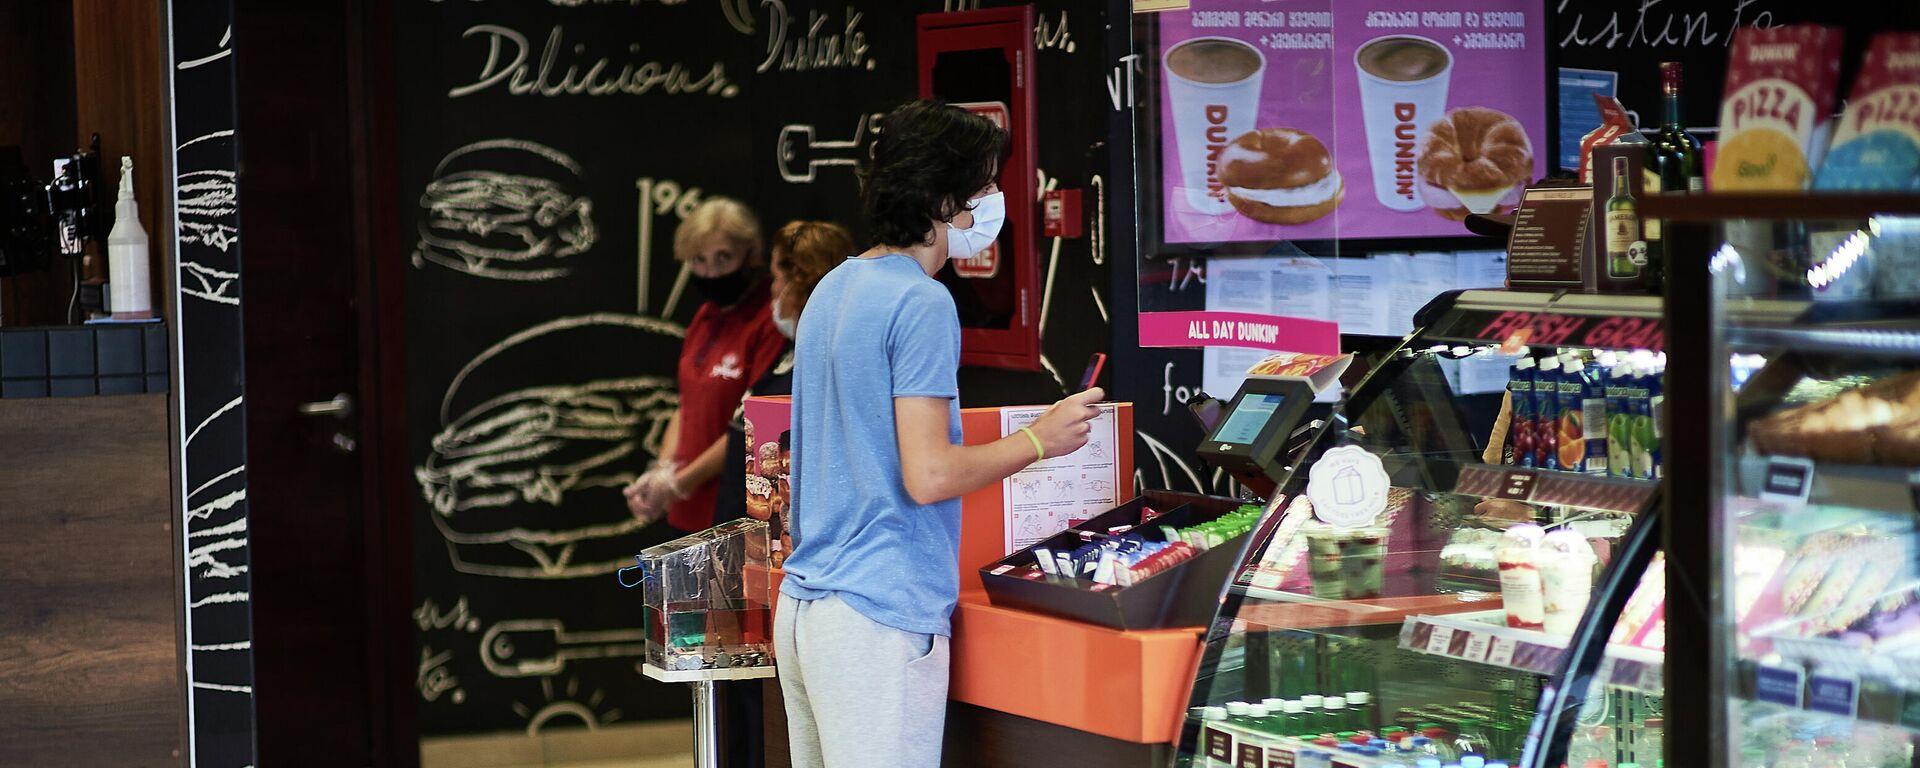 Эпидемия коронавируса - посетитель кафе в маске - Sputnik Грузия, 1920, 25.09.2021